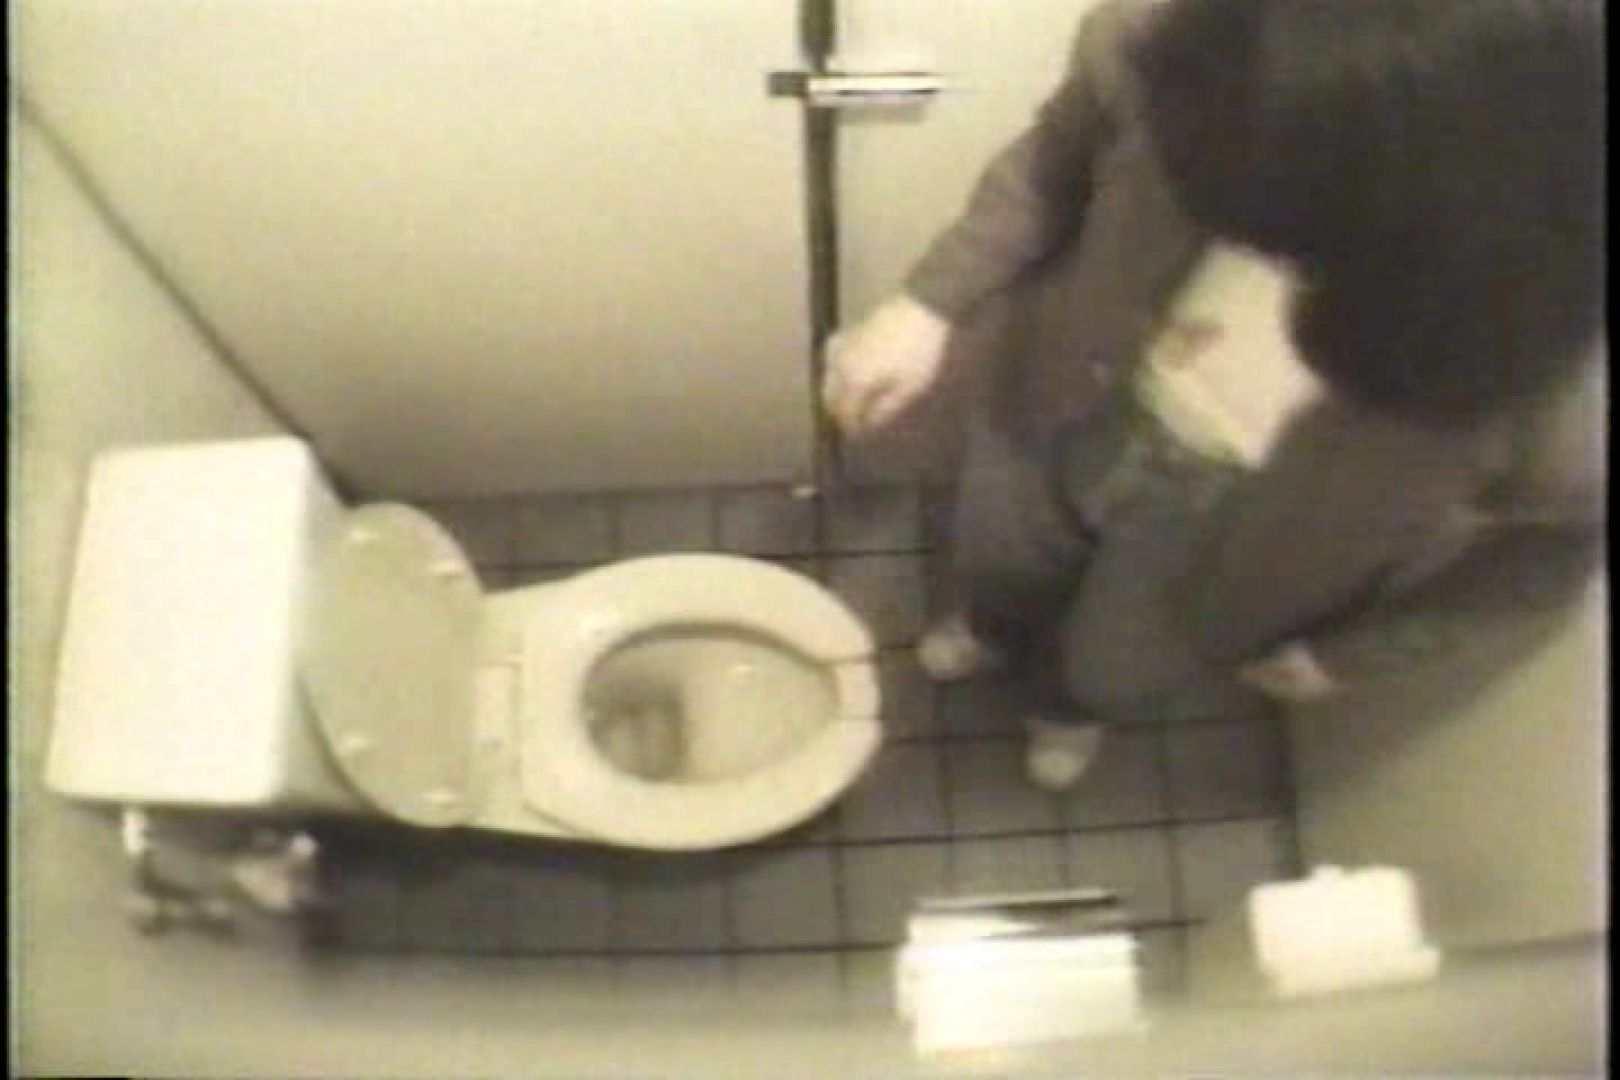 盗撮 女子洗面所3ヶ所入ってしゃがんで音出して プライベート  109連発 12